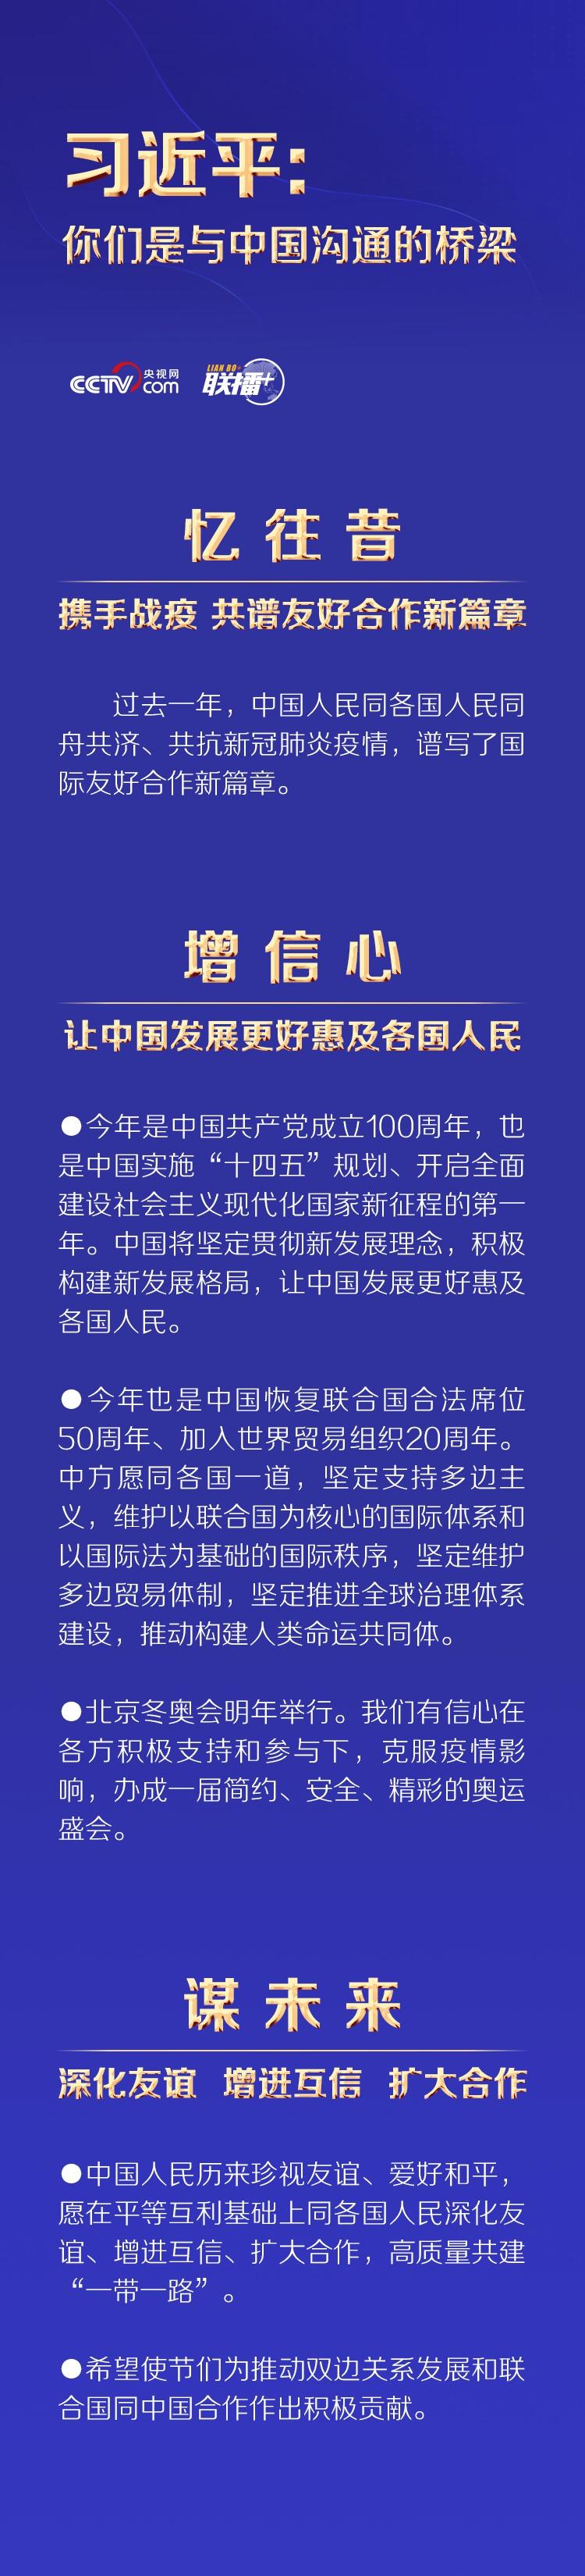 习近平:你们是与中国沟通的桥梁图片